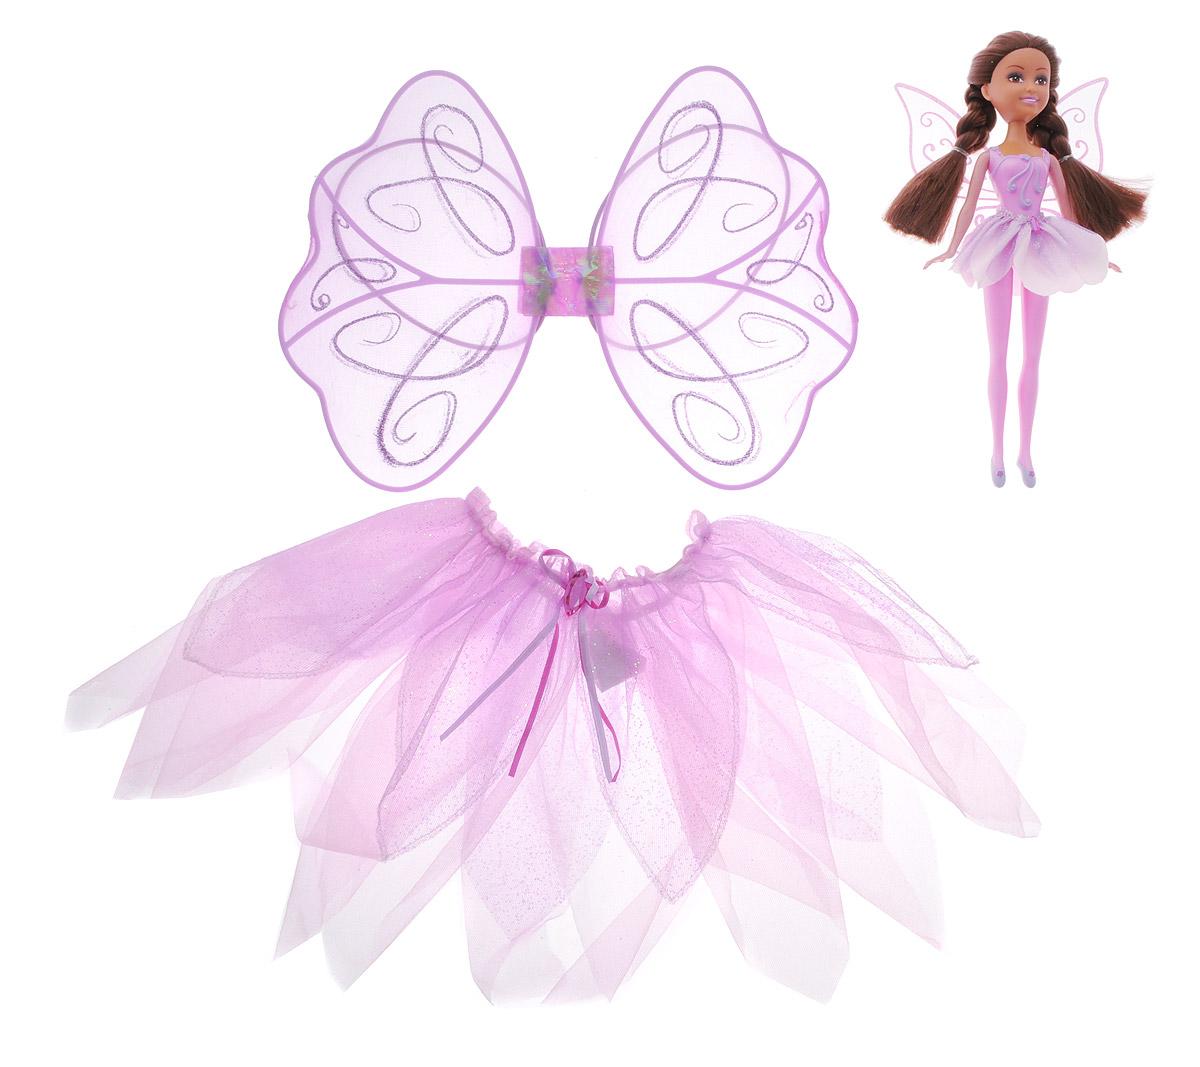 ABtoys Кукла Фея цветов с карнавальным костюмом для девочки7550098_сиреневый, розовый брюнеткаЭтот замечательный набор содержит в себе не только прелестную куколку ABtoys Фея цветов, но и прекрасный карнавальный костюм для вашей девочки! Теперь ваша малышка сможет одеться также, как и ее маленькая подружка, и почувствовать себя настоящей балериной. Куколка выполнена из качественных и безопасных материалов. Ее ручки, ножки и голова подвижны, а волосы можно расчесывать. Костюм состоит из пышной юбочки розово-сиреневого цвета и крылышек. Размер костюма - от 3 до 5 лет.